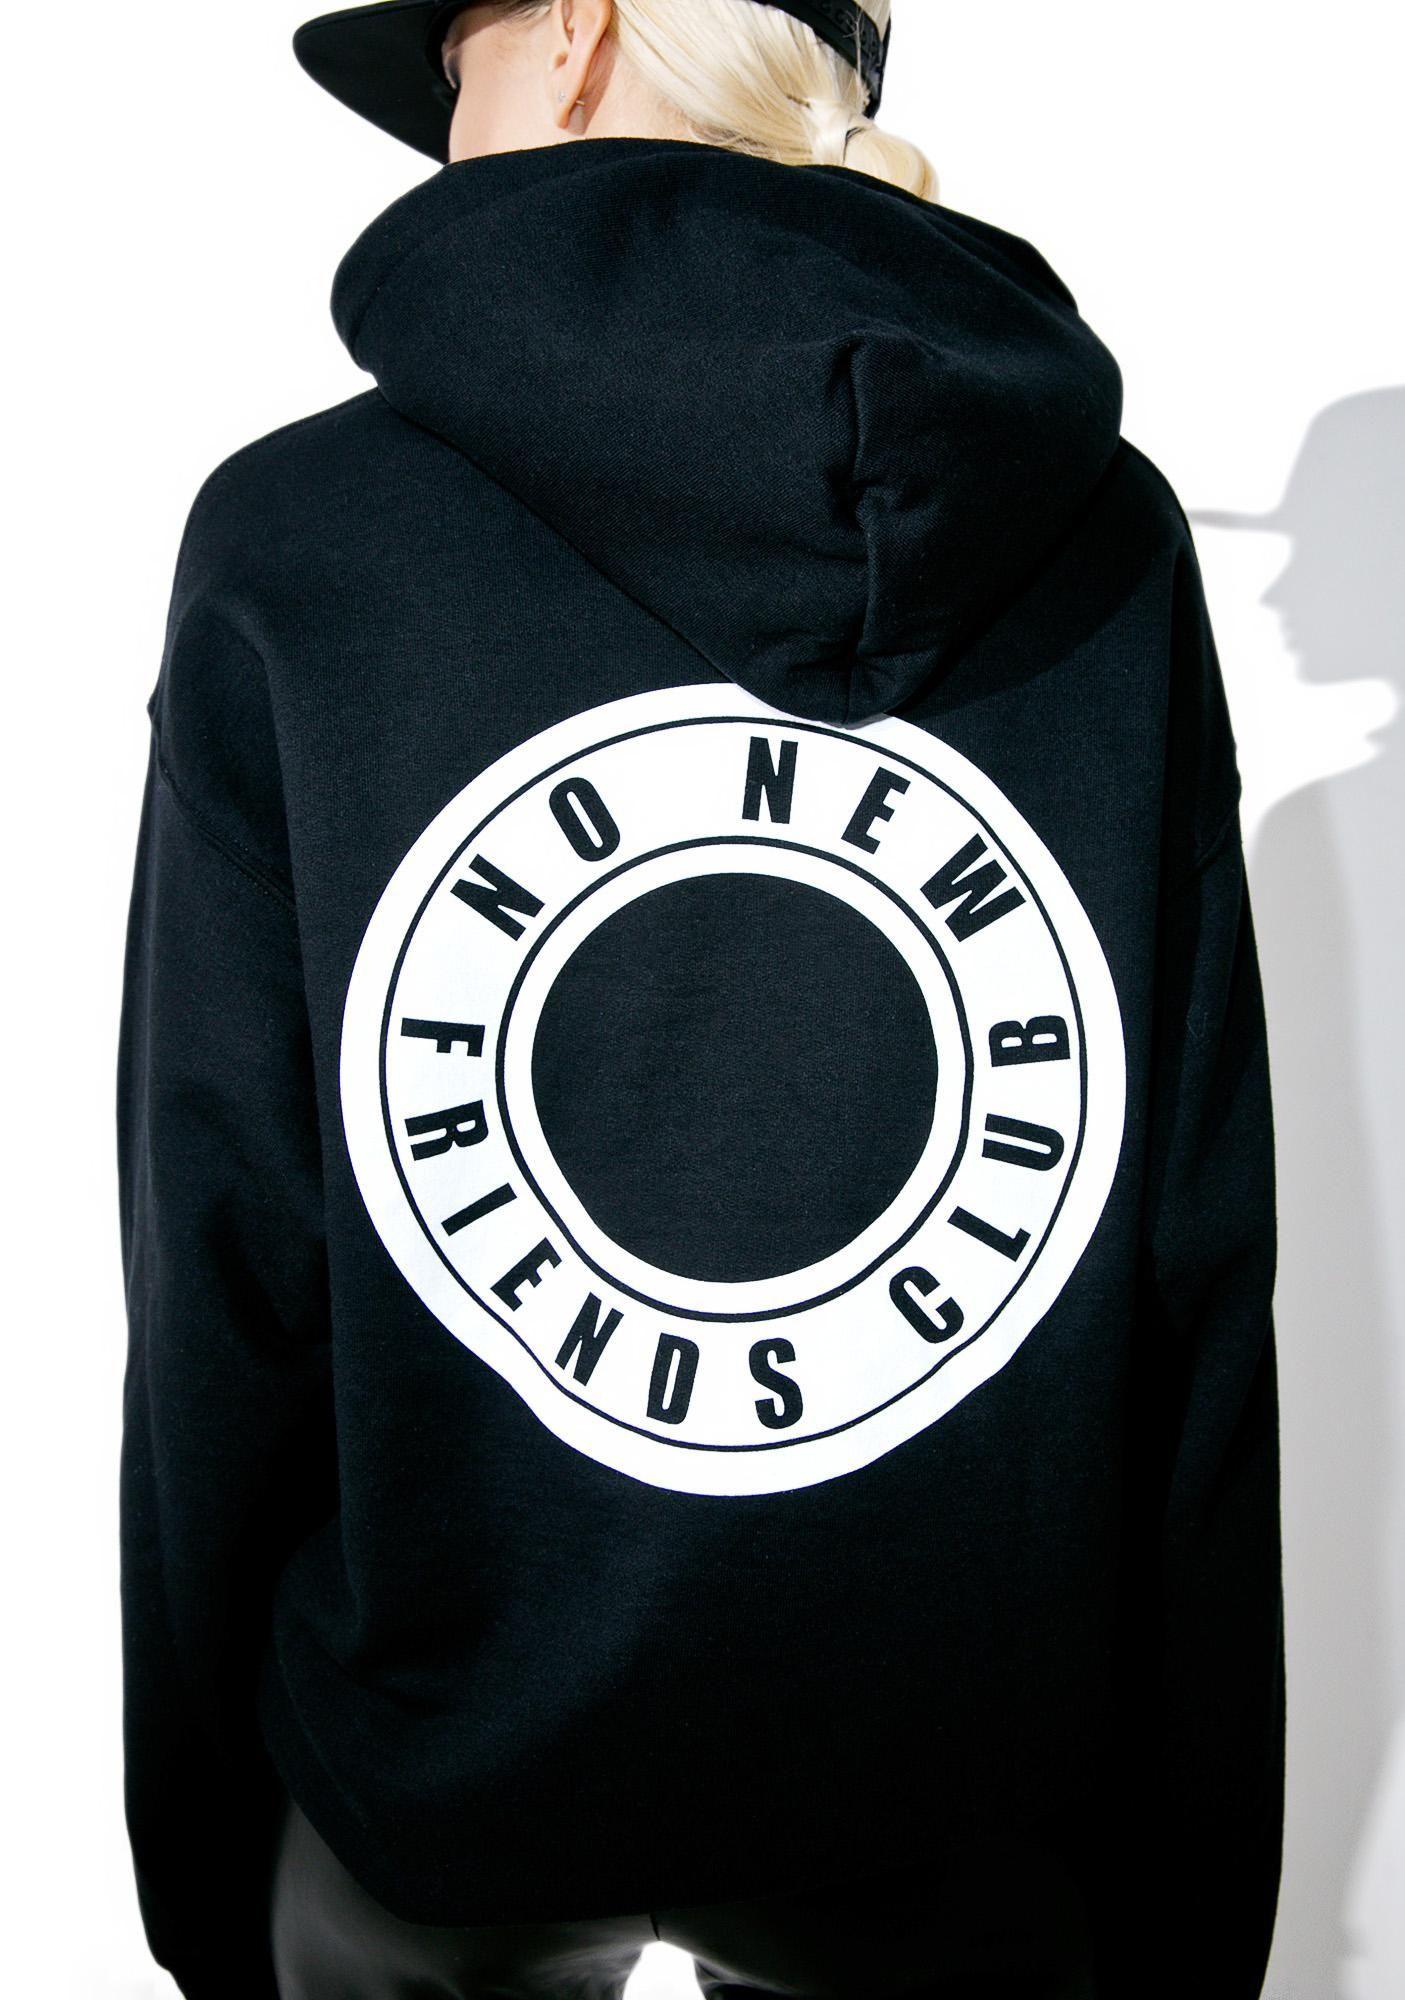 Friends Club Hoodie Hoodies Sweatshirts Graphic Hoodies [ 2000 x 1405 Pixel ]